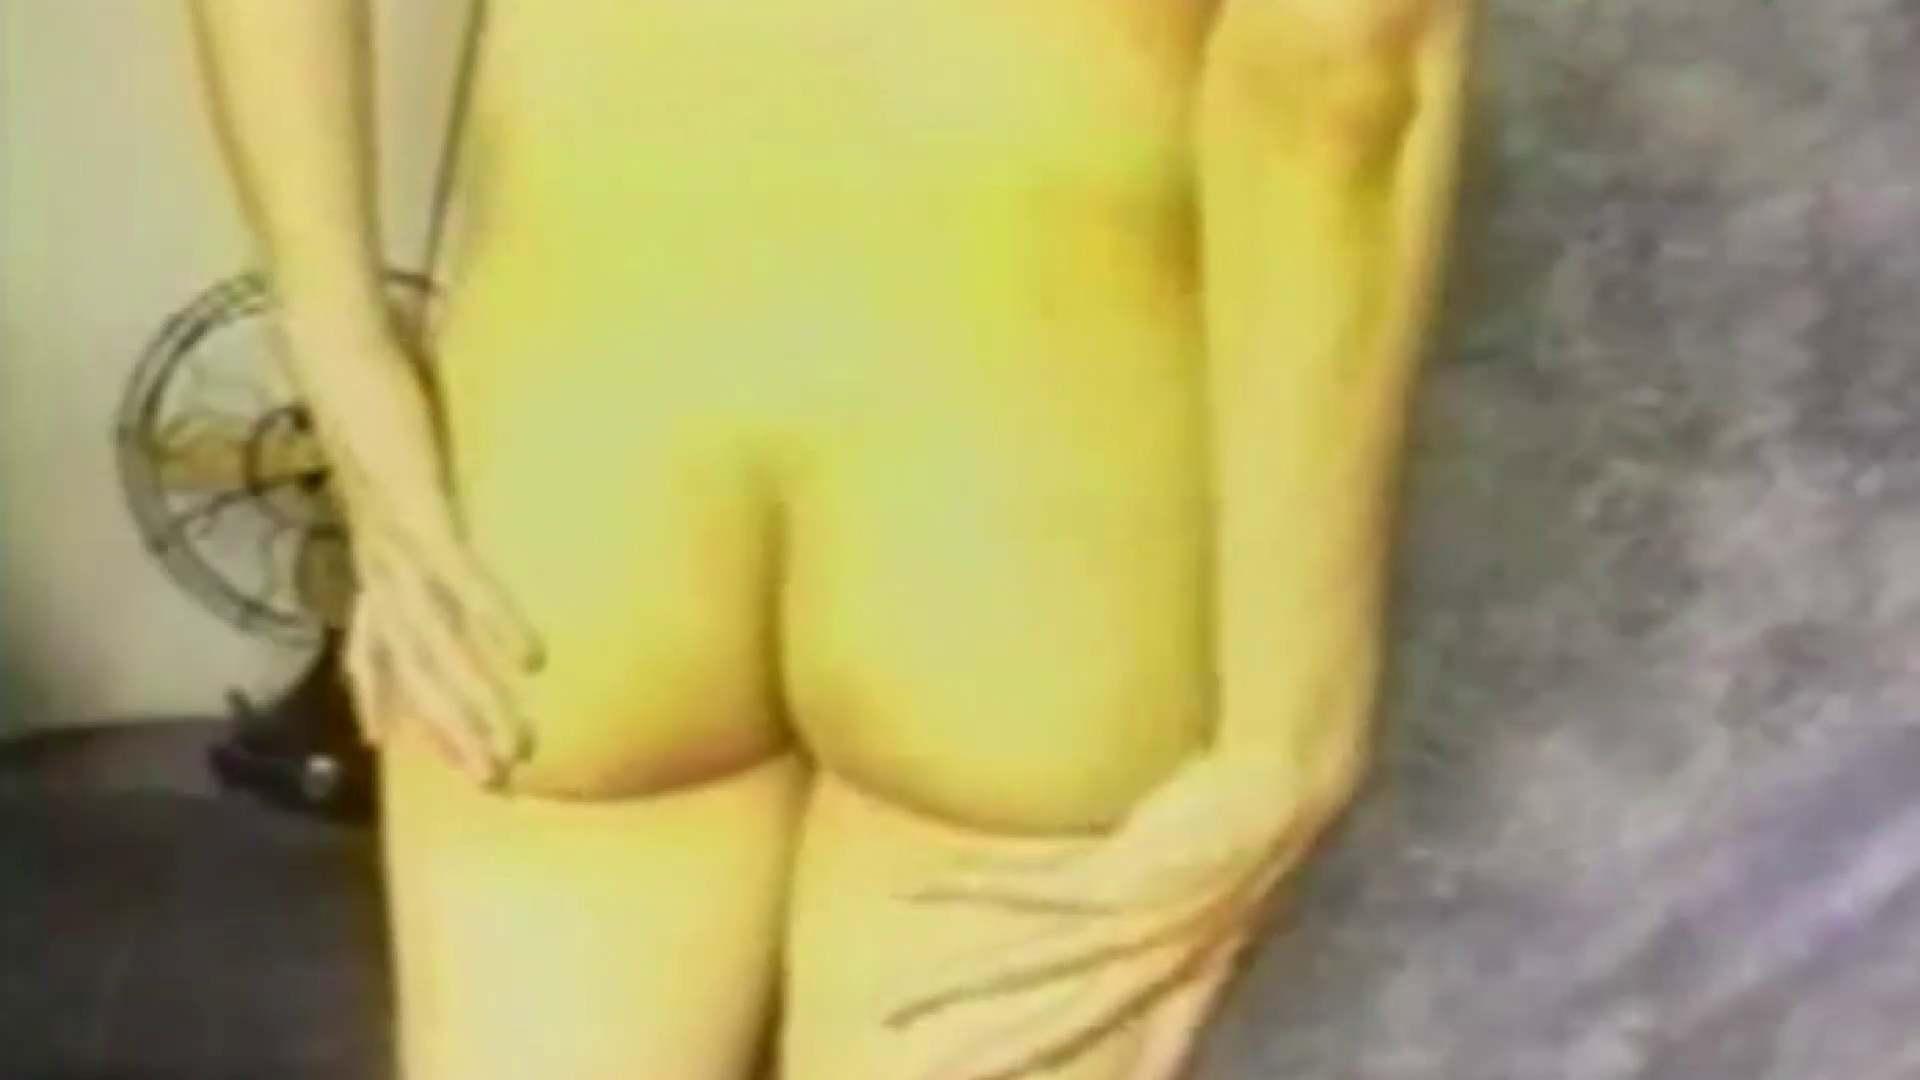 巨根 オナニー塾Vol.19 オナニー アダルトビデオ画像キャプチャ 73枚 14